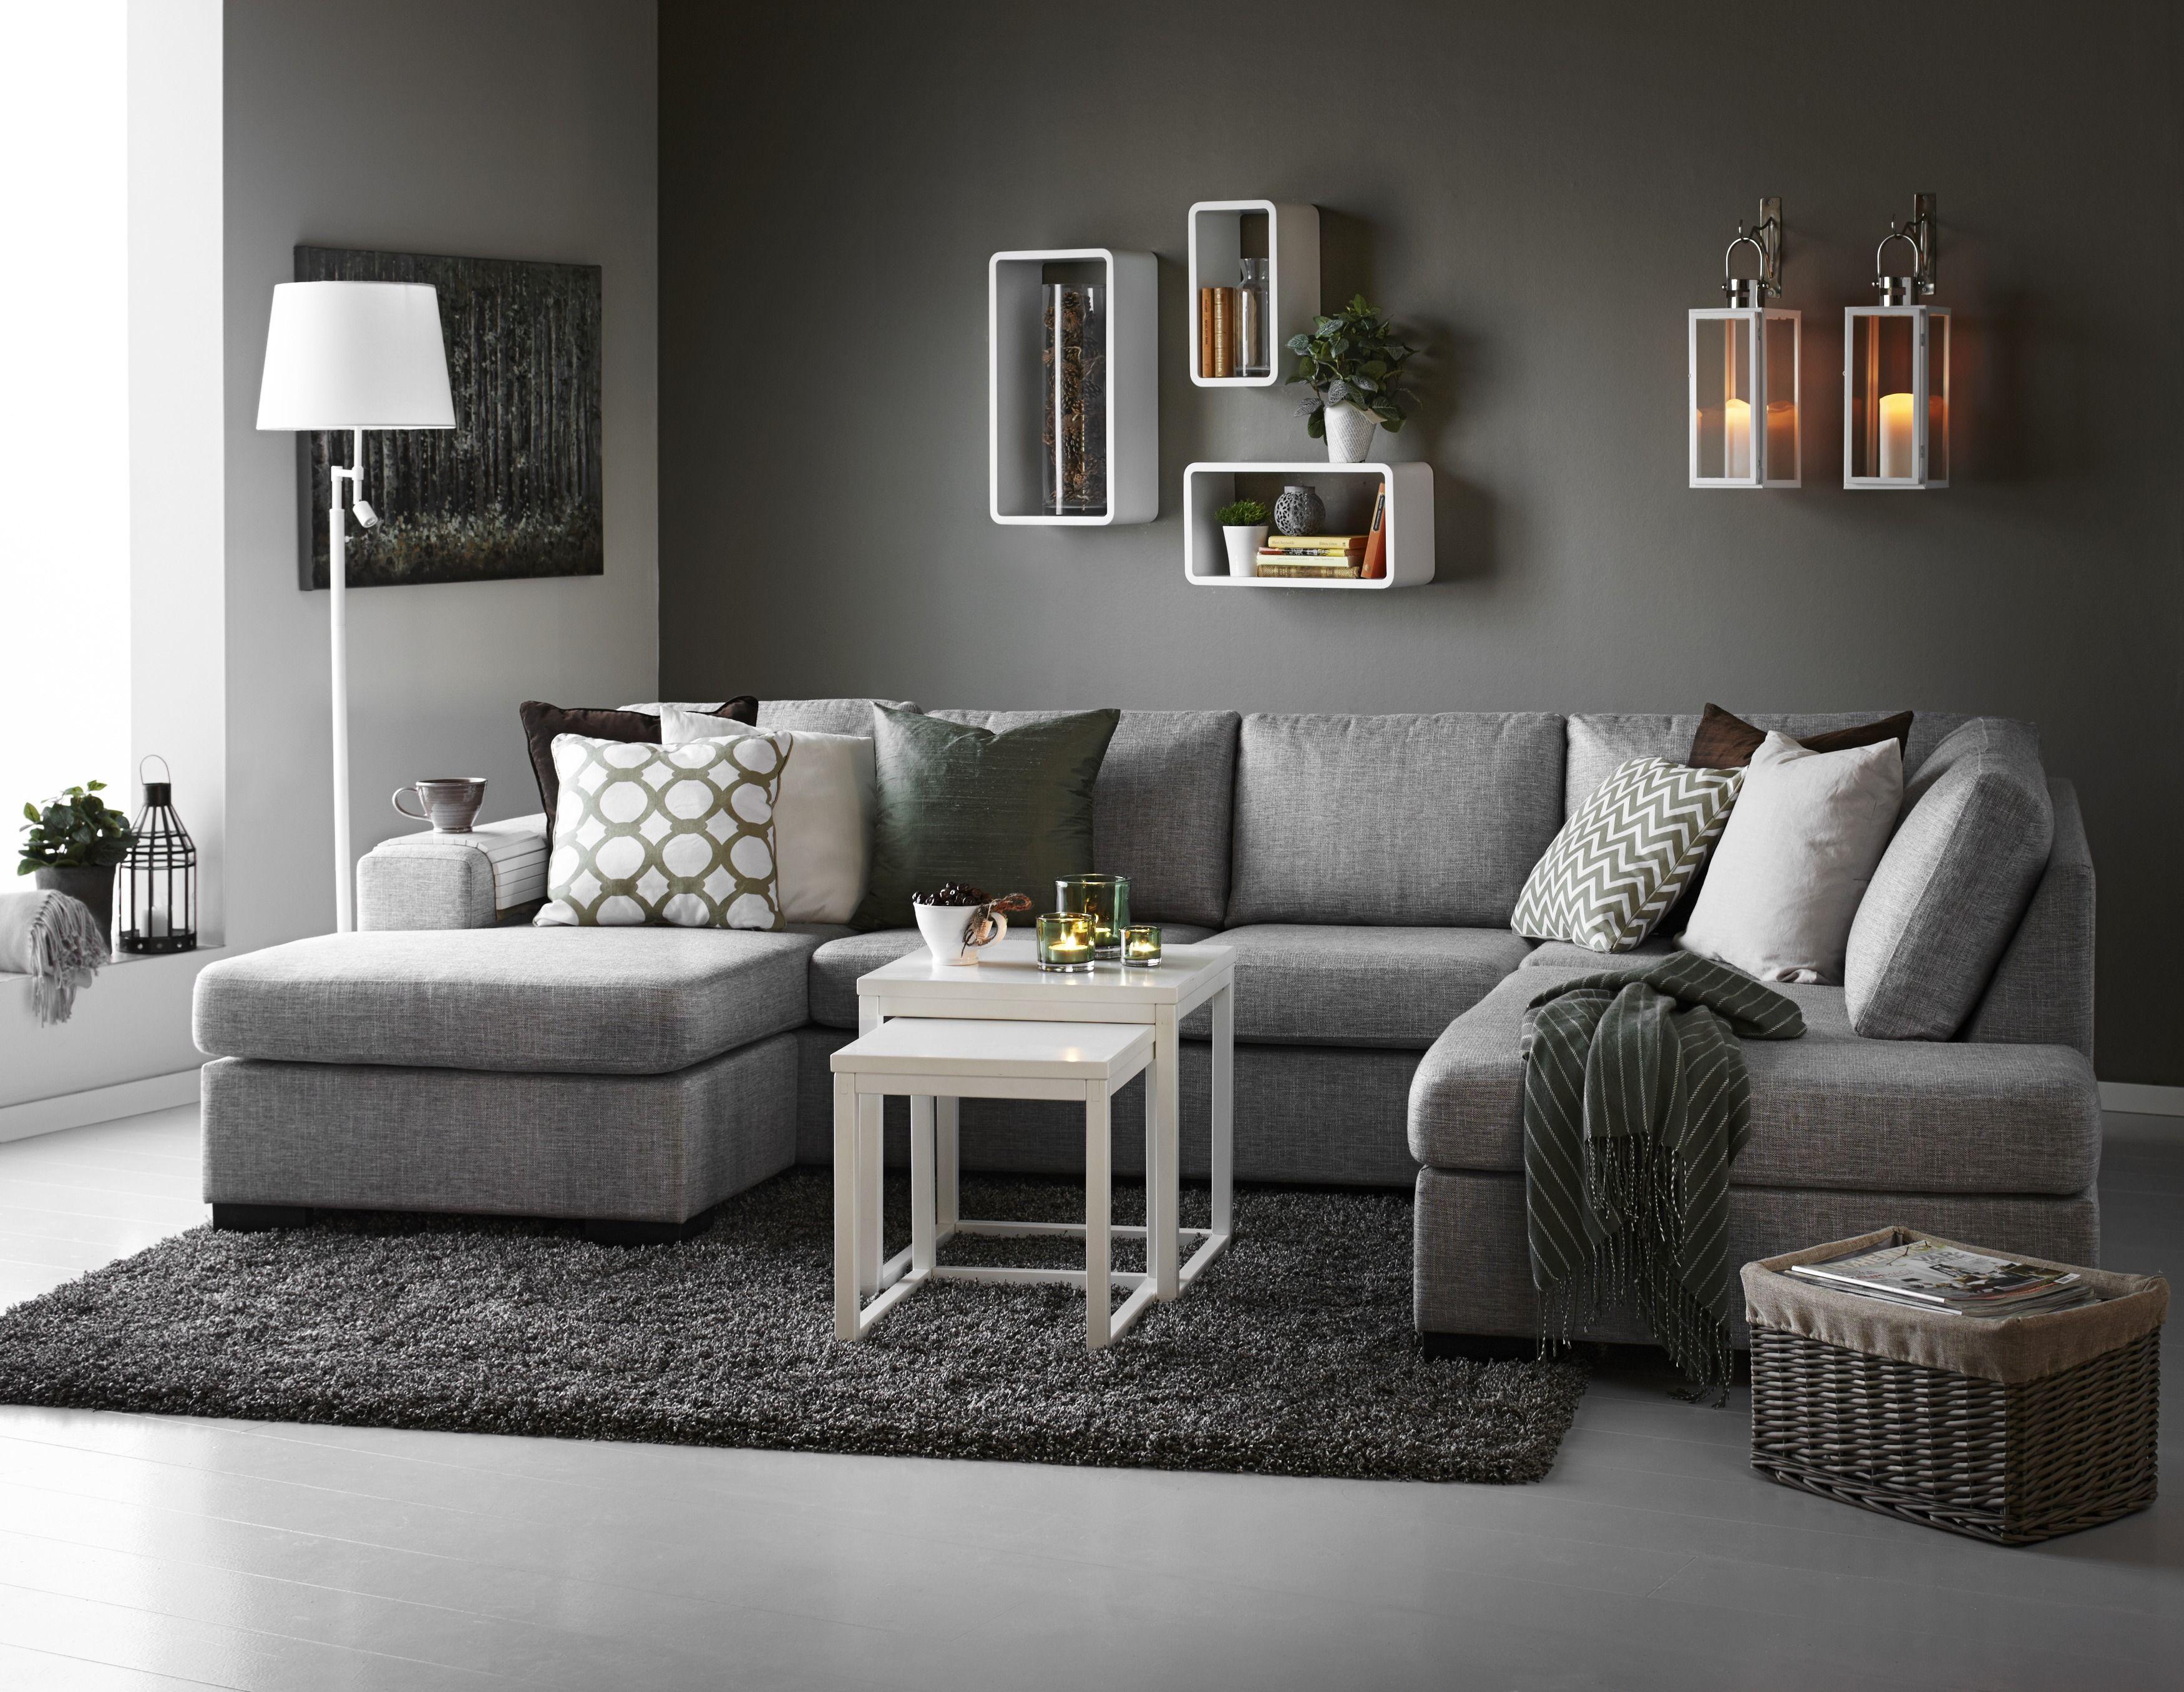 Mesas lamparas y adornos pared  Decoracion hogar